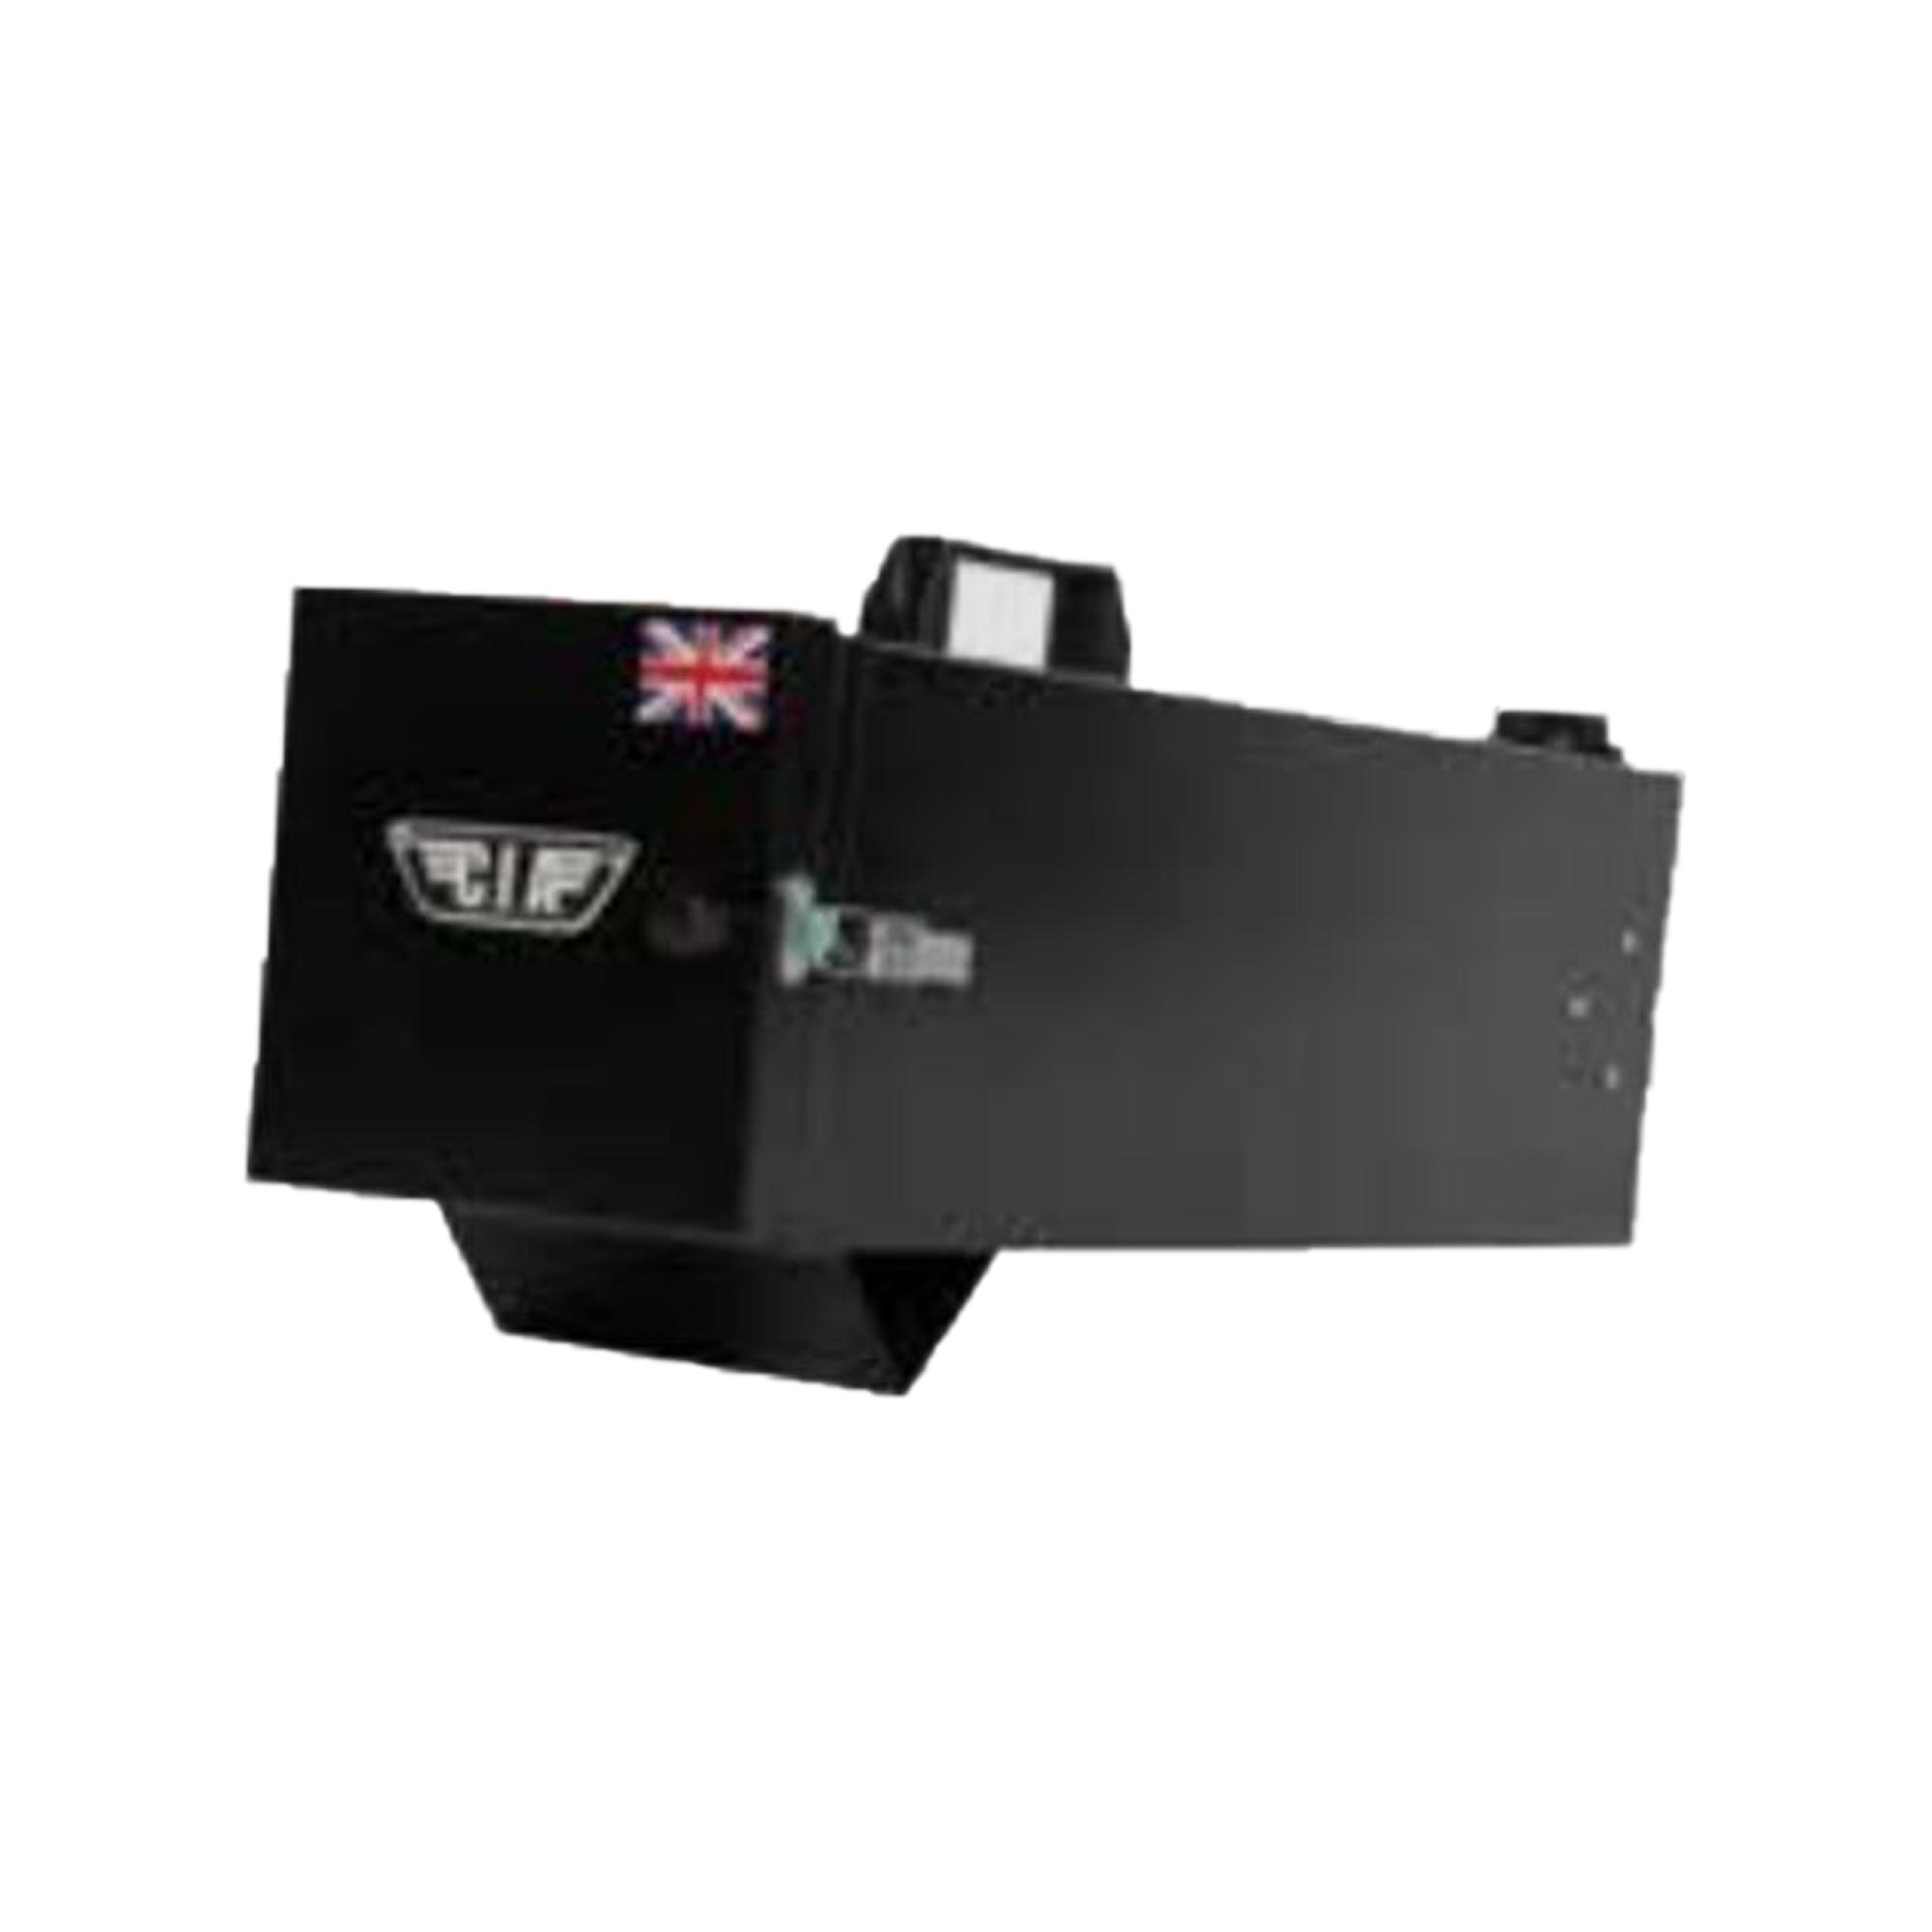 Image of Fornetto portatile per elettrodi C.I.A. P16